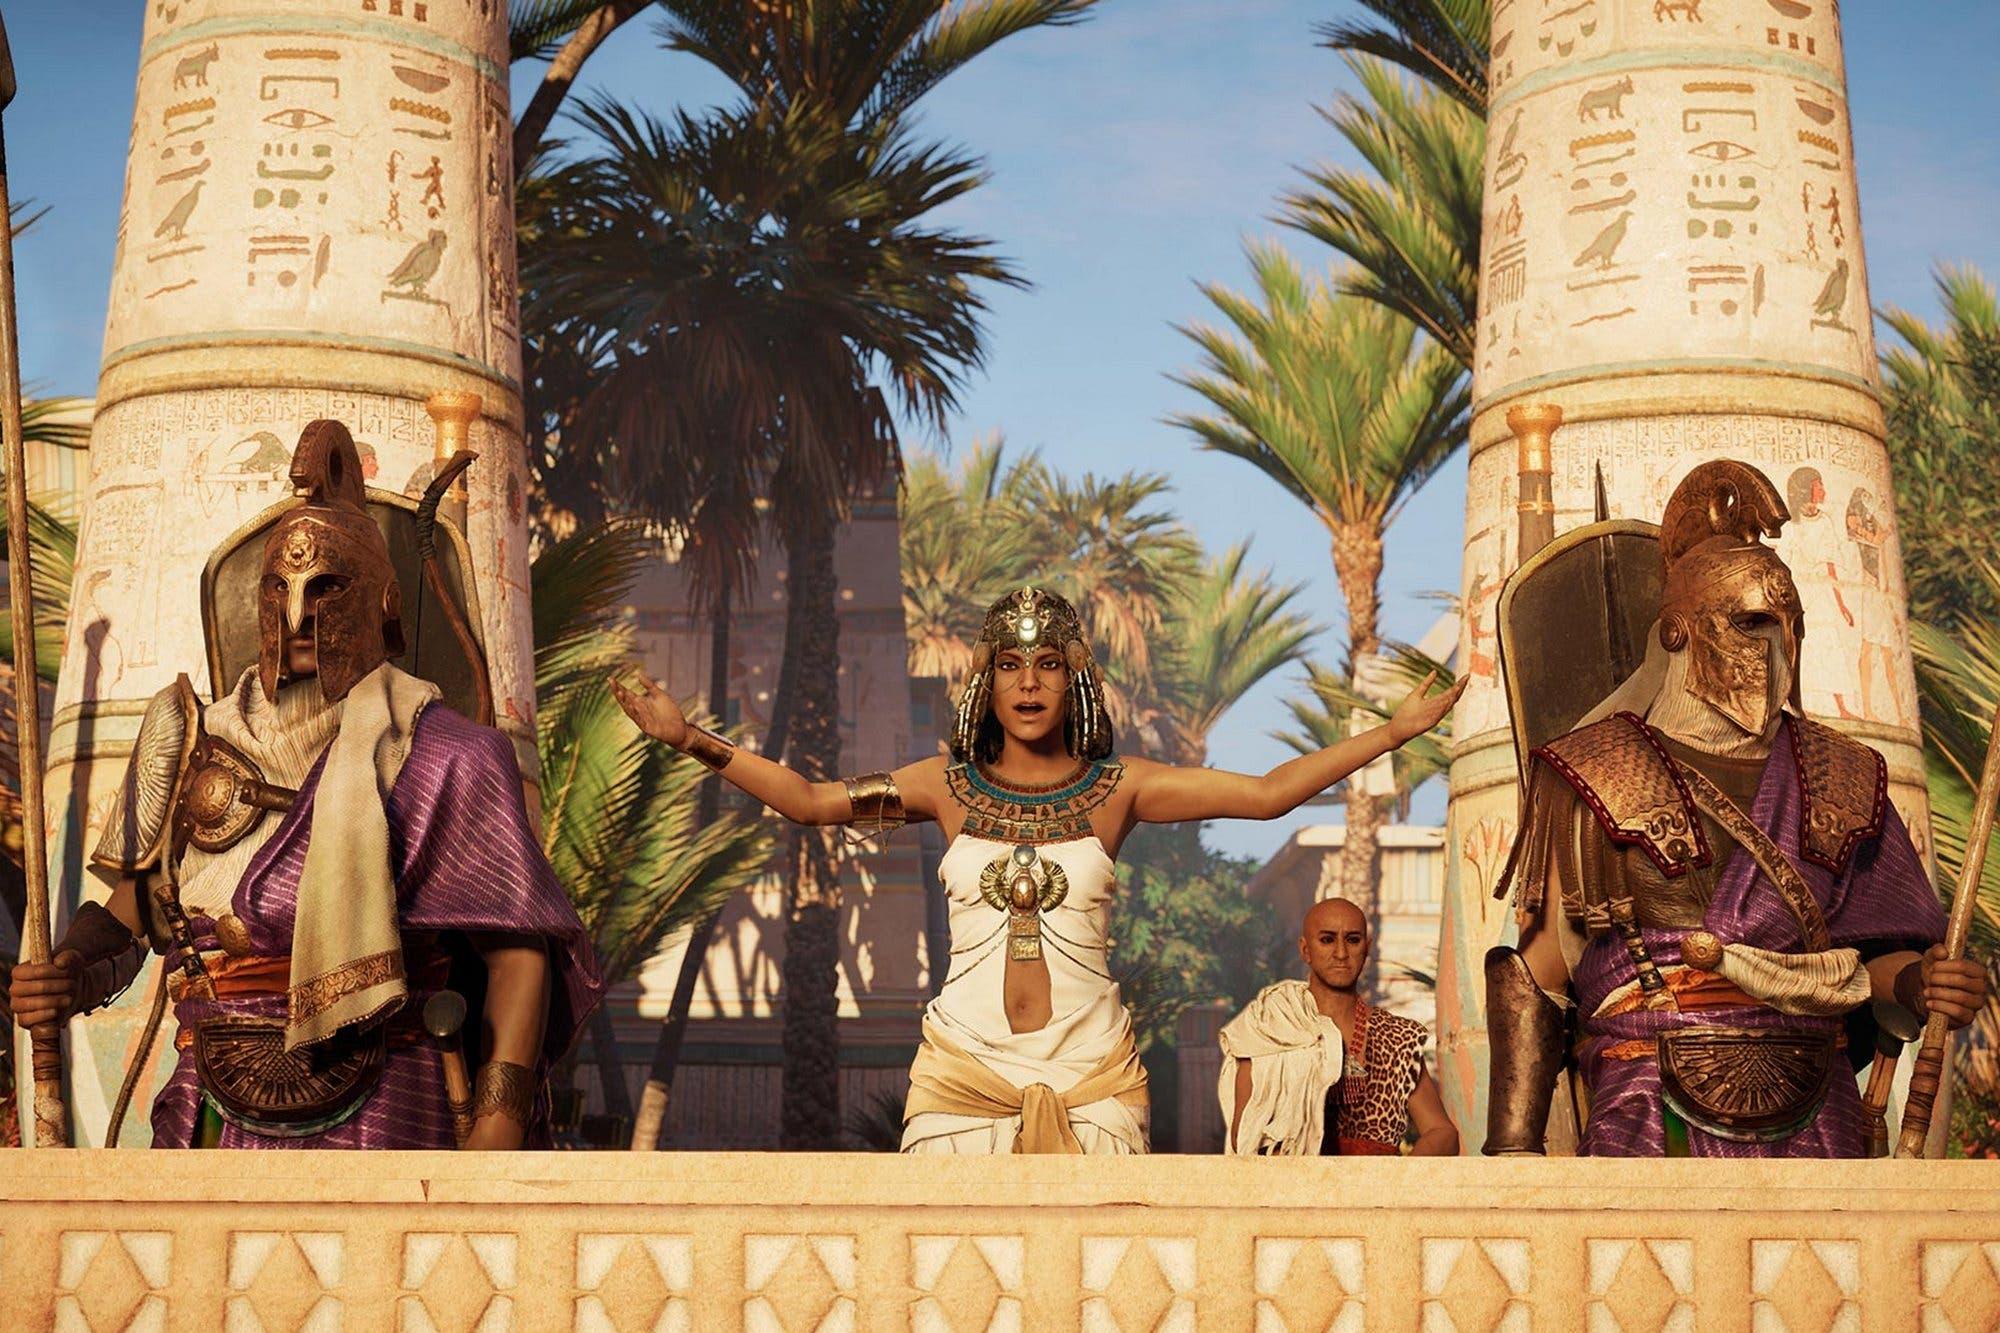 Cómo conocer la historia de Grecia y Egipto con el modo educativo del videojuego Assassin's Creed: Discovery Tour